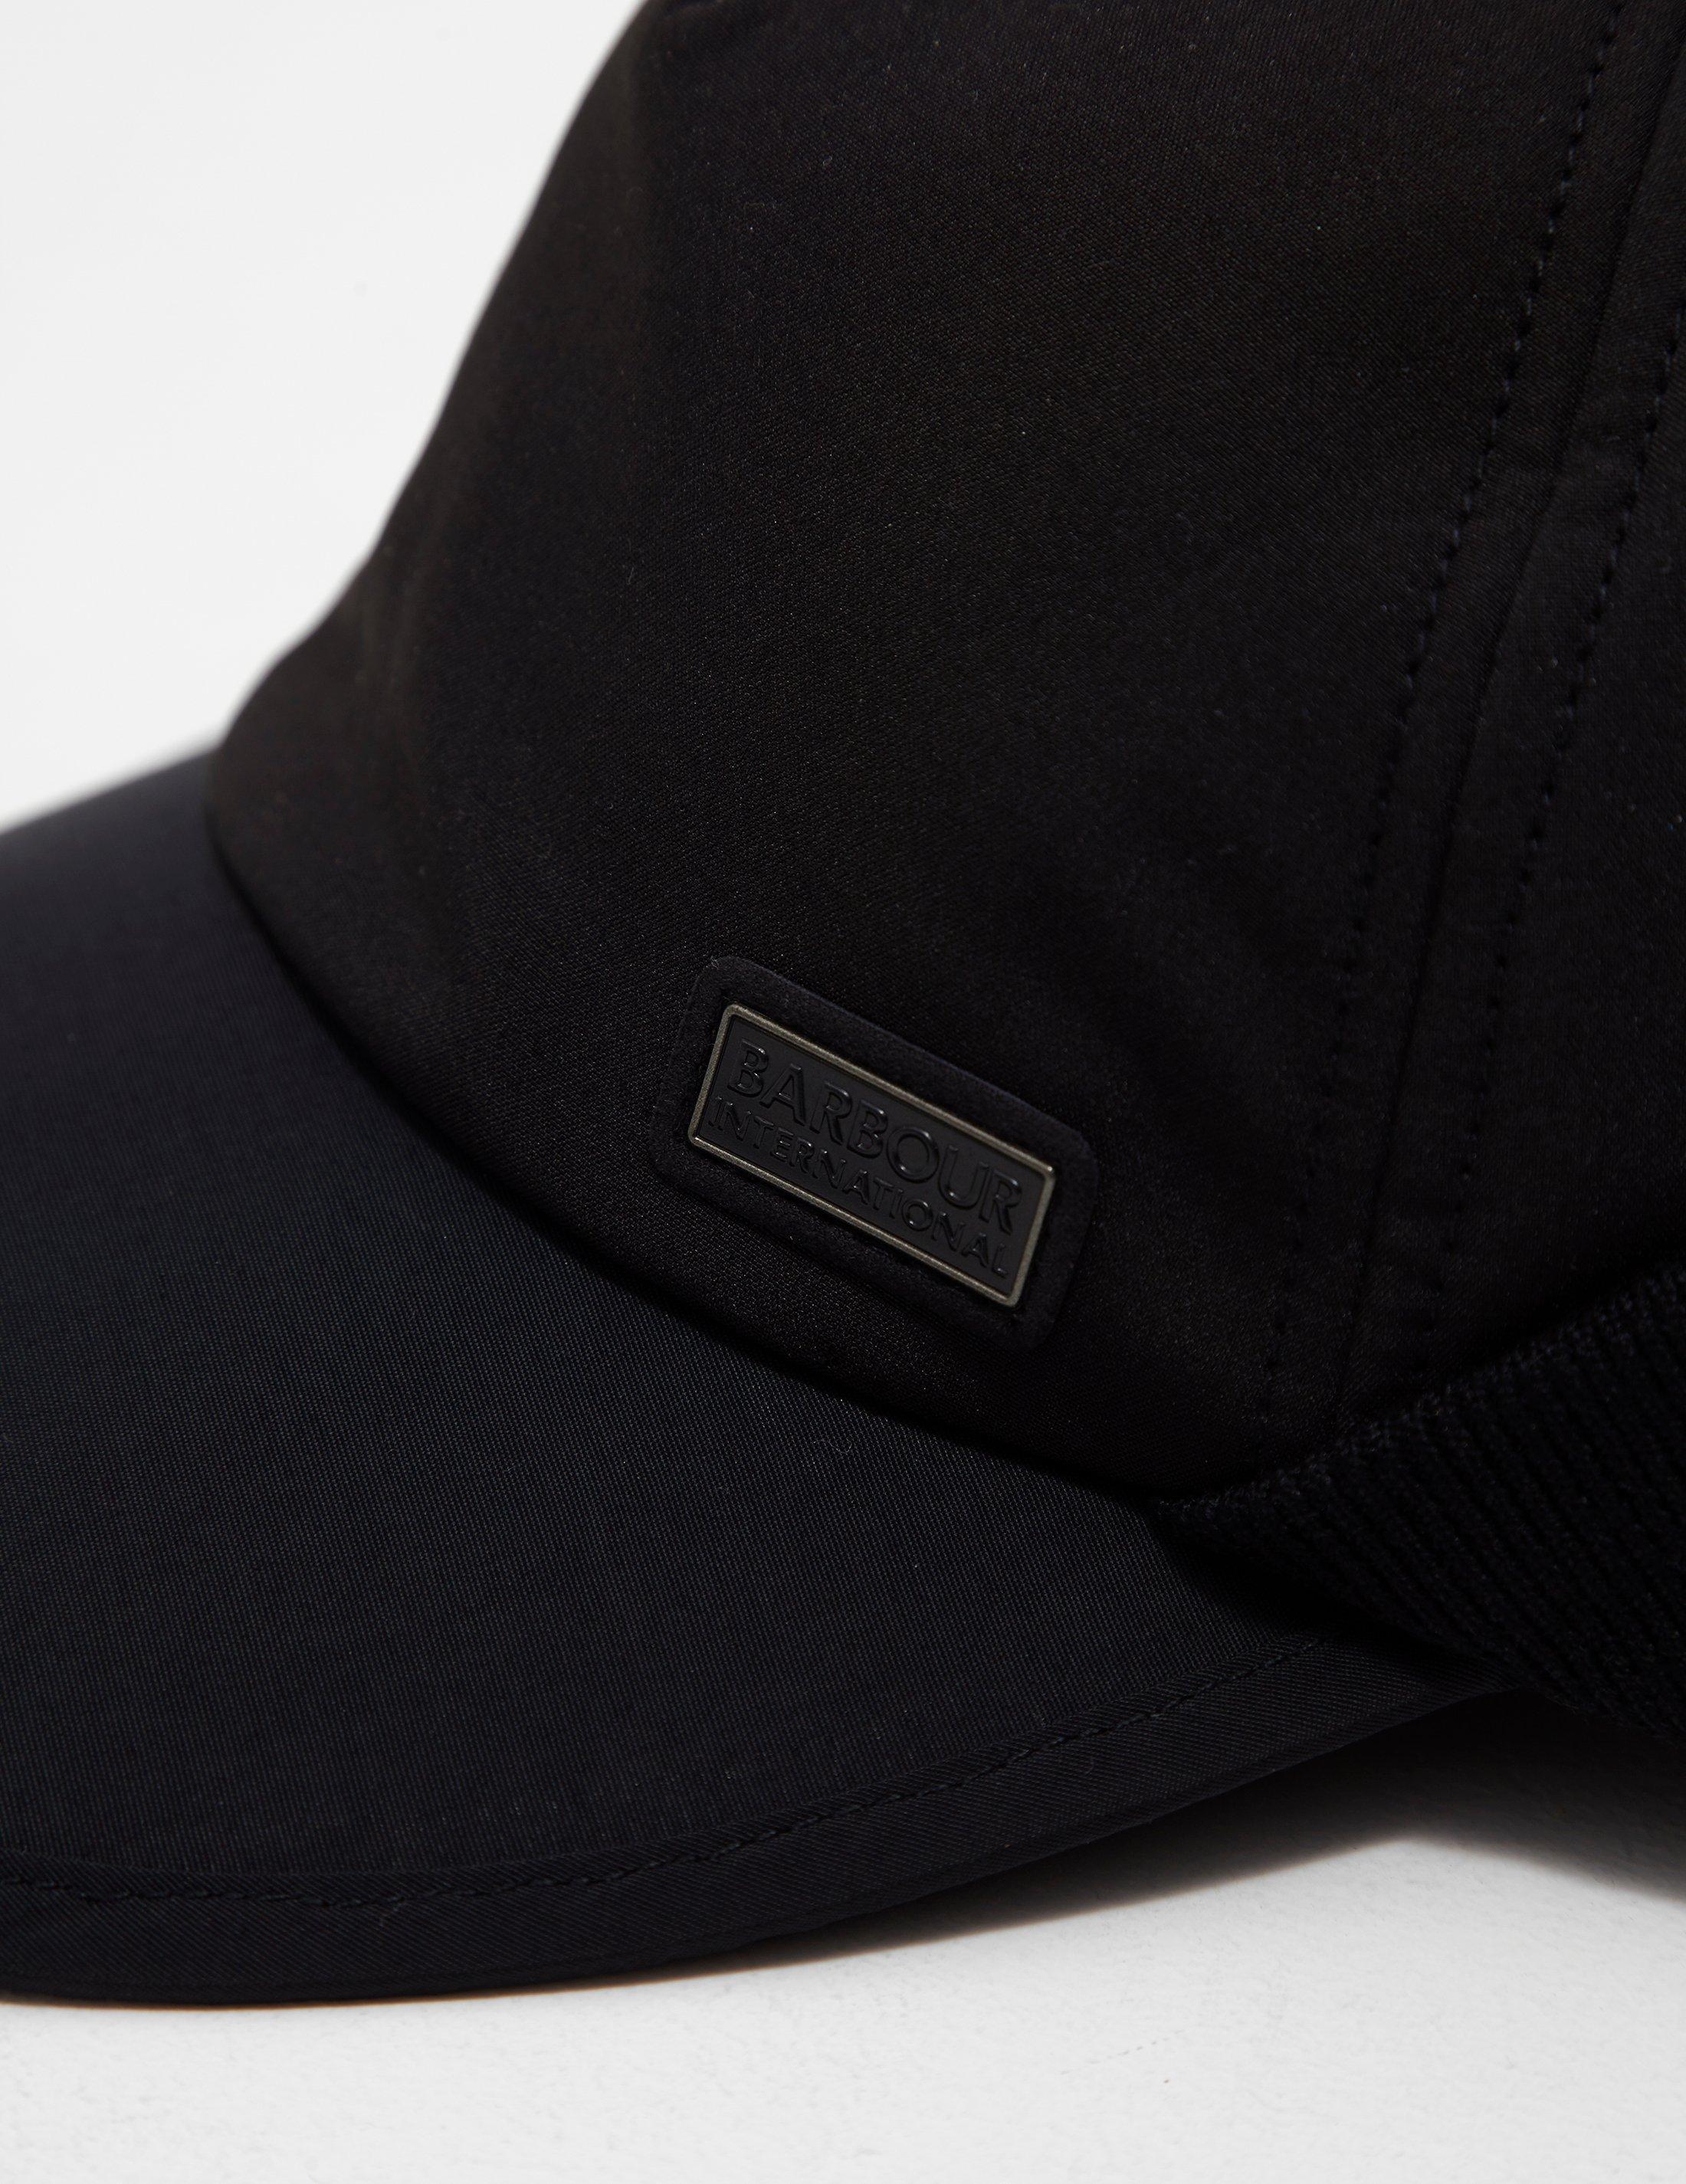 5d8a22af2f649f Lyst - Barbour Delta Cap Black in Black for Men - Save 58%